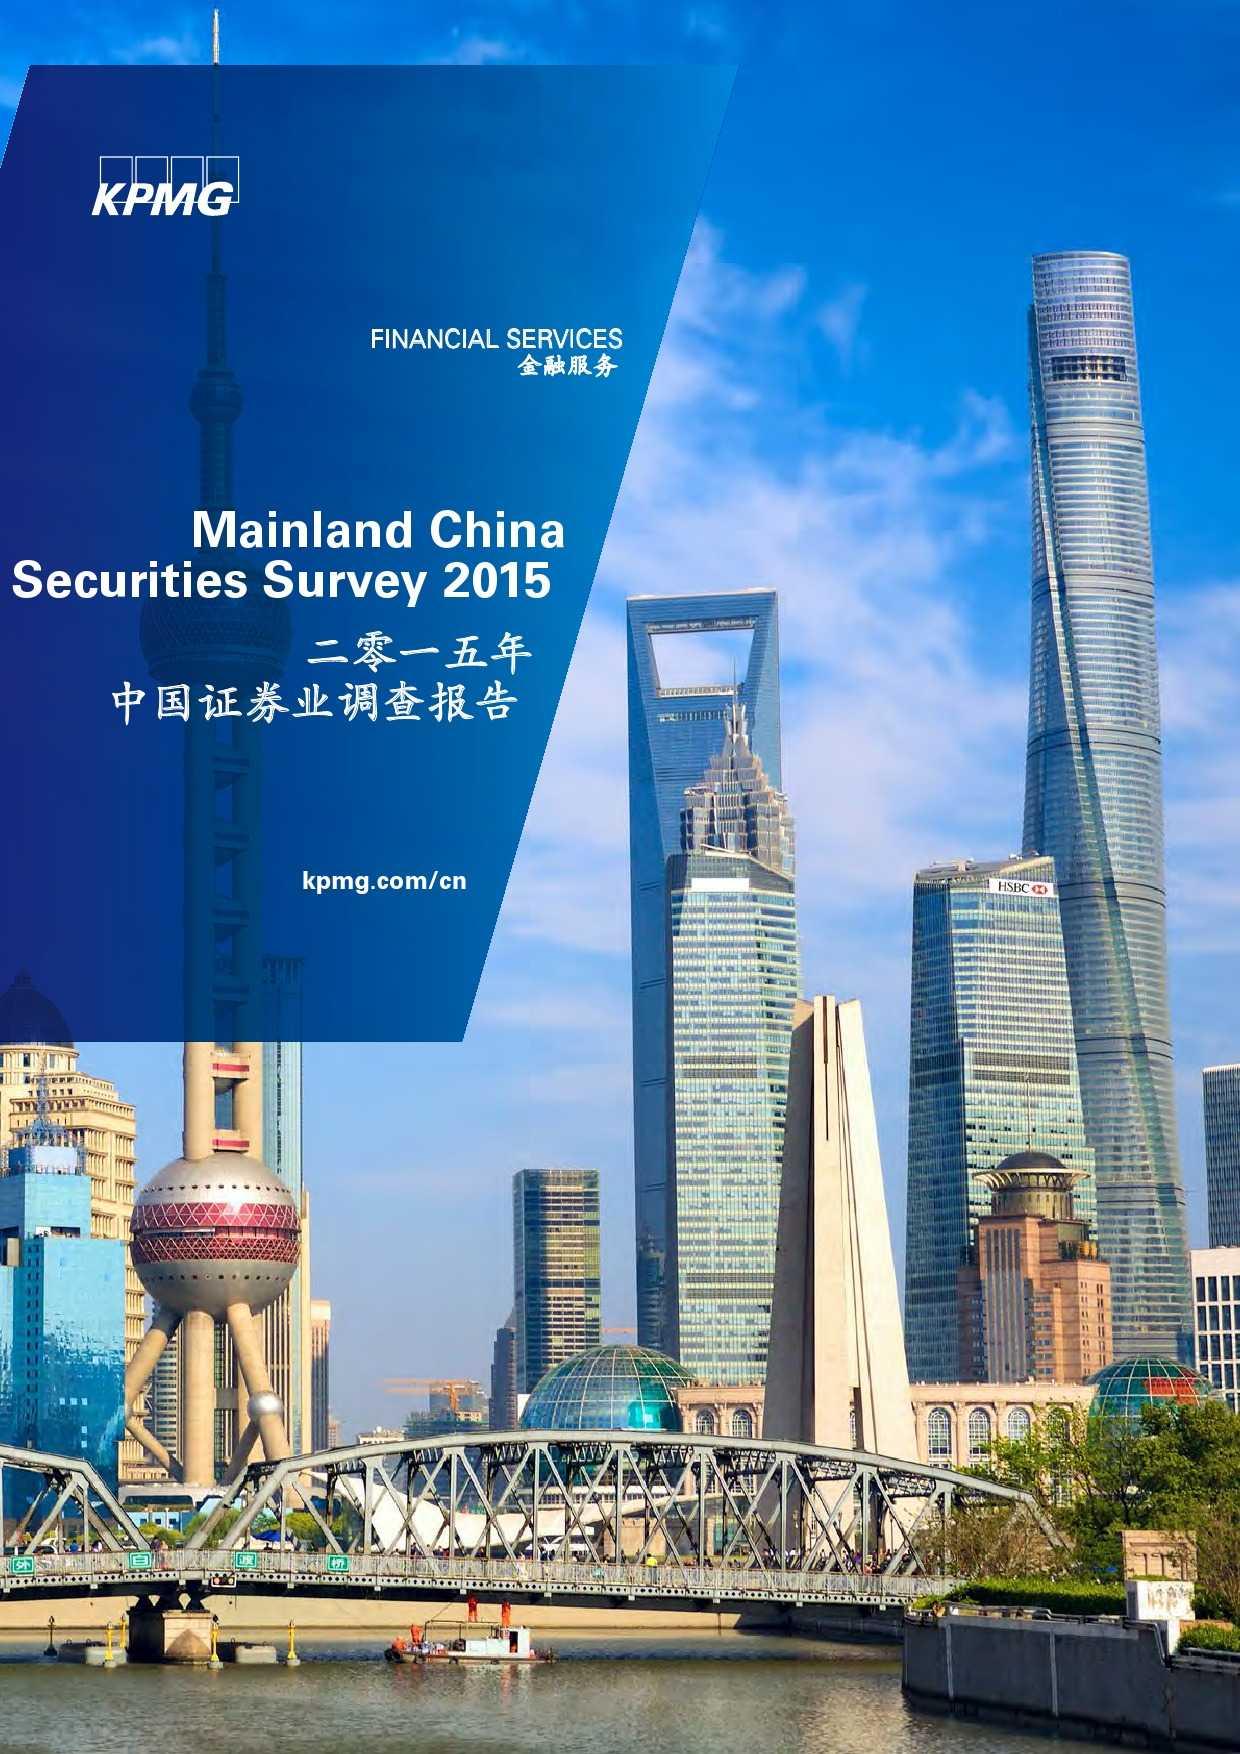 毕马威:2015年中国证券业调查报告_000001